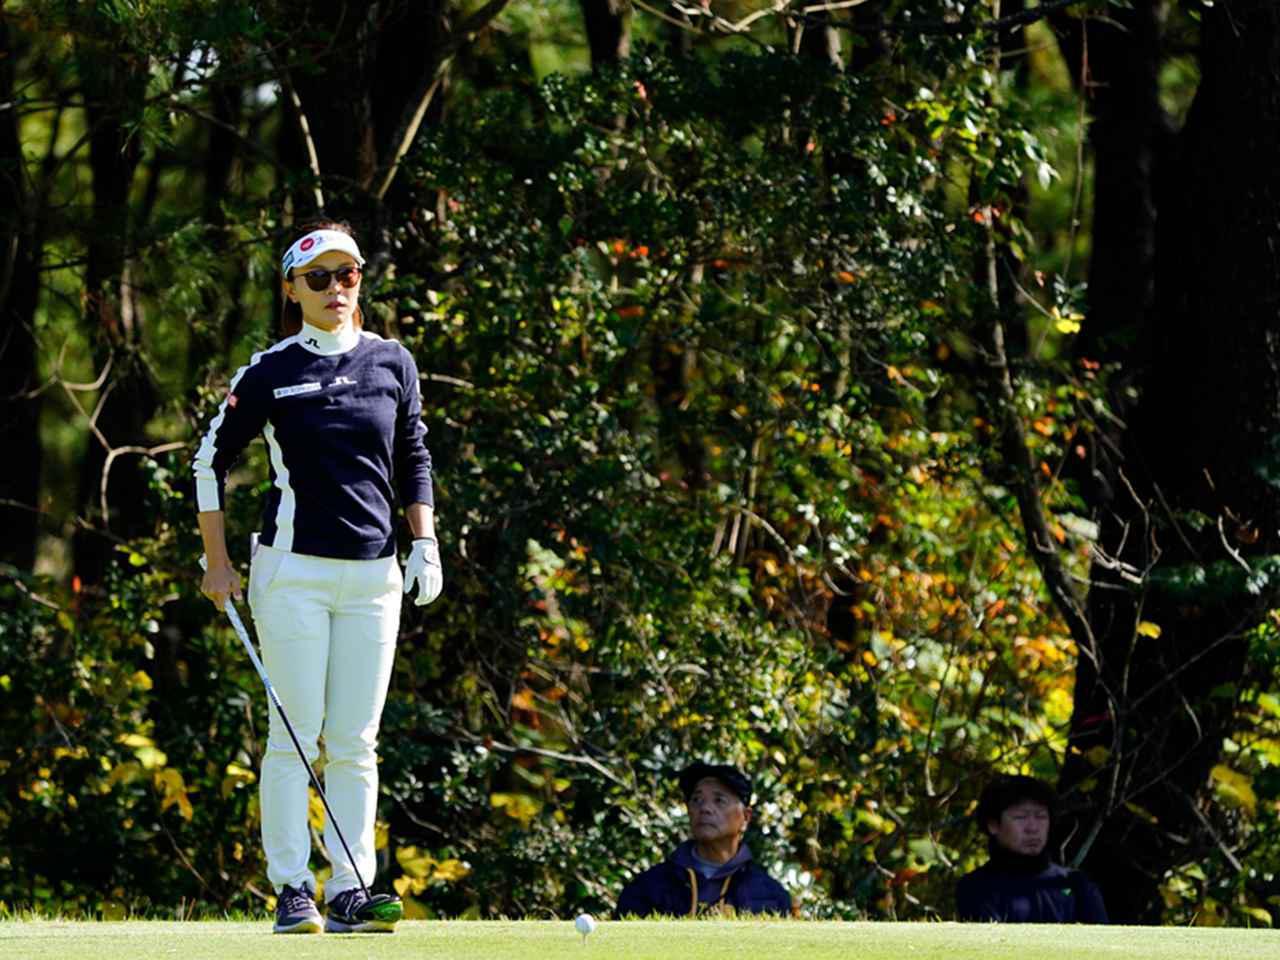 """画像19: 【プレショットルーティン調査】女子プロゴルファー上位32人をチェック! 2タイプに分かれた""""アドレスの入り方"""""""